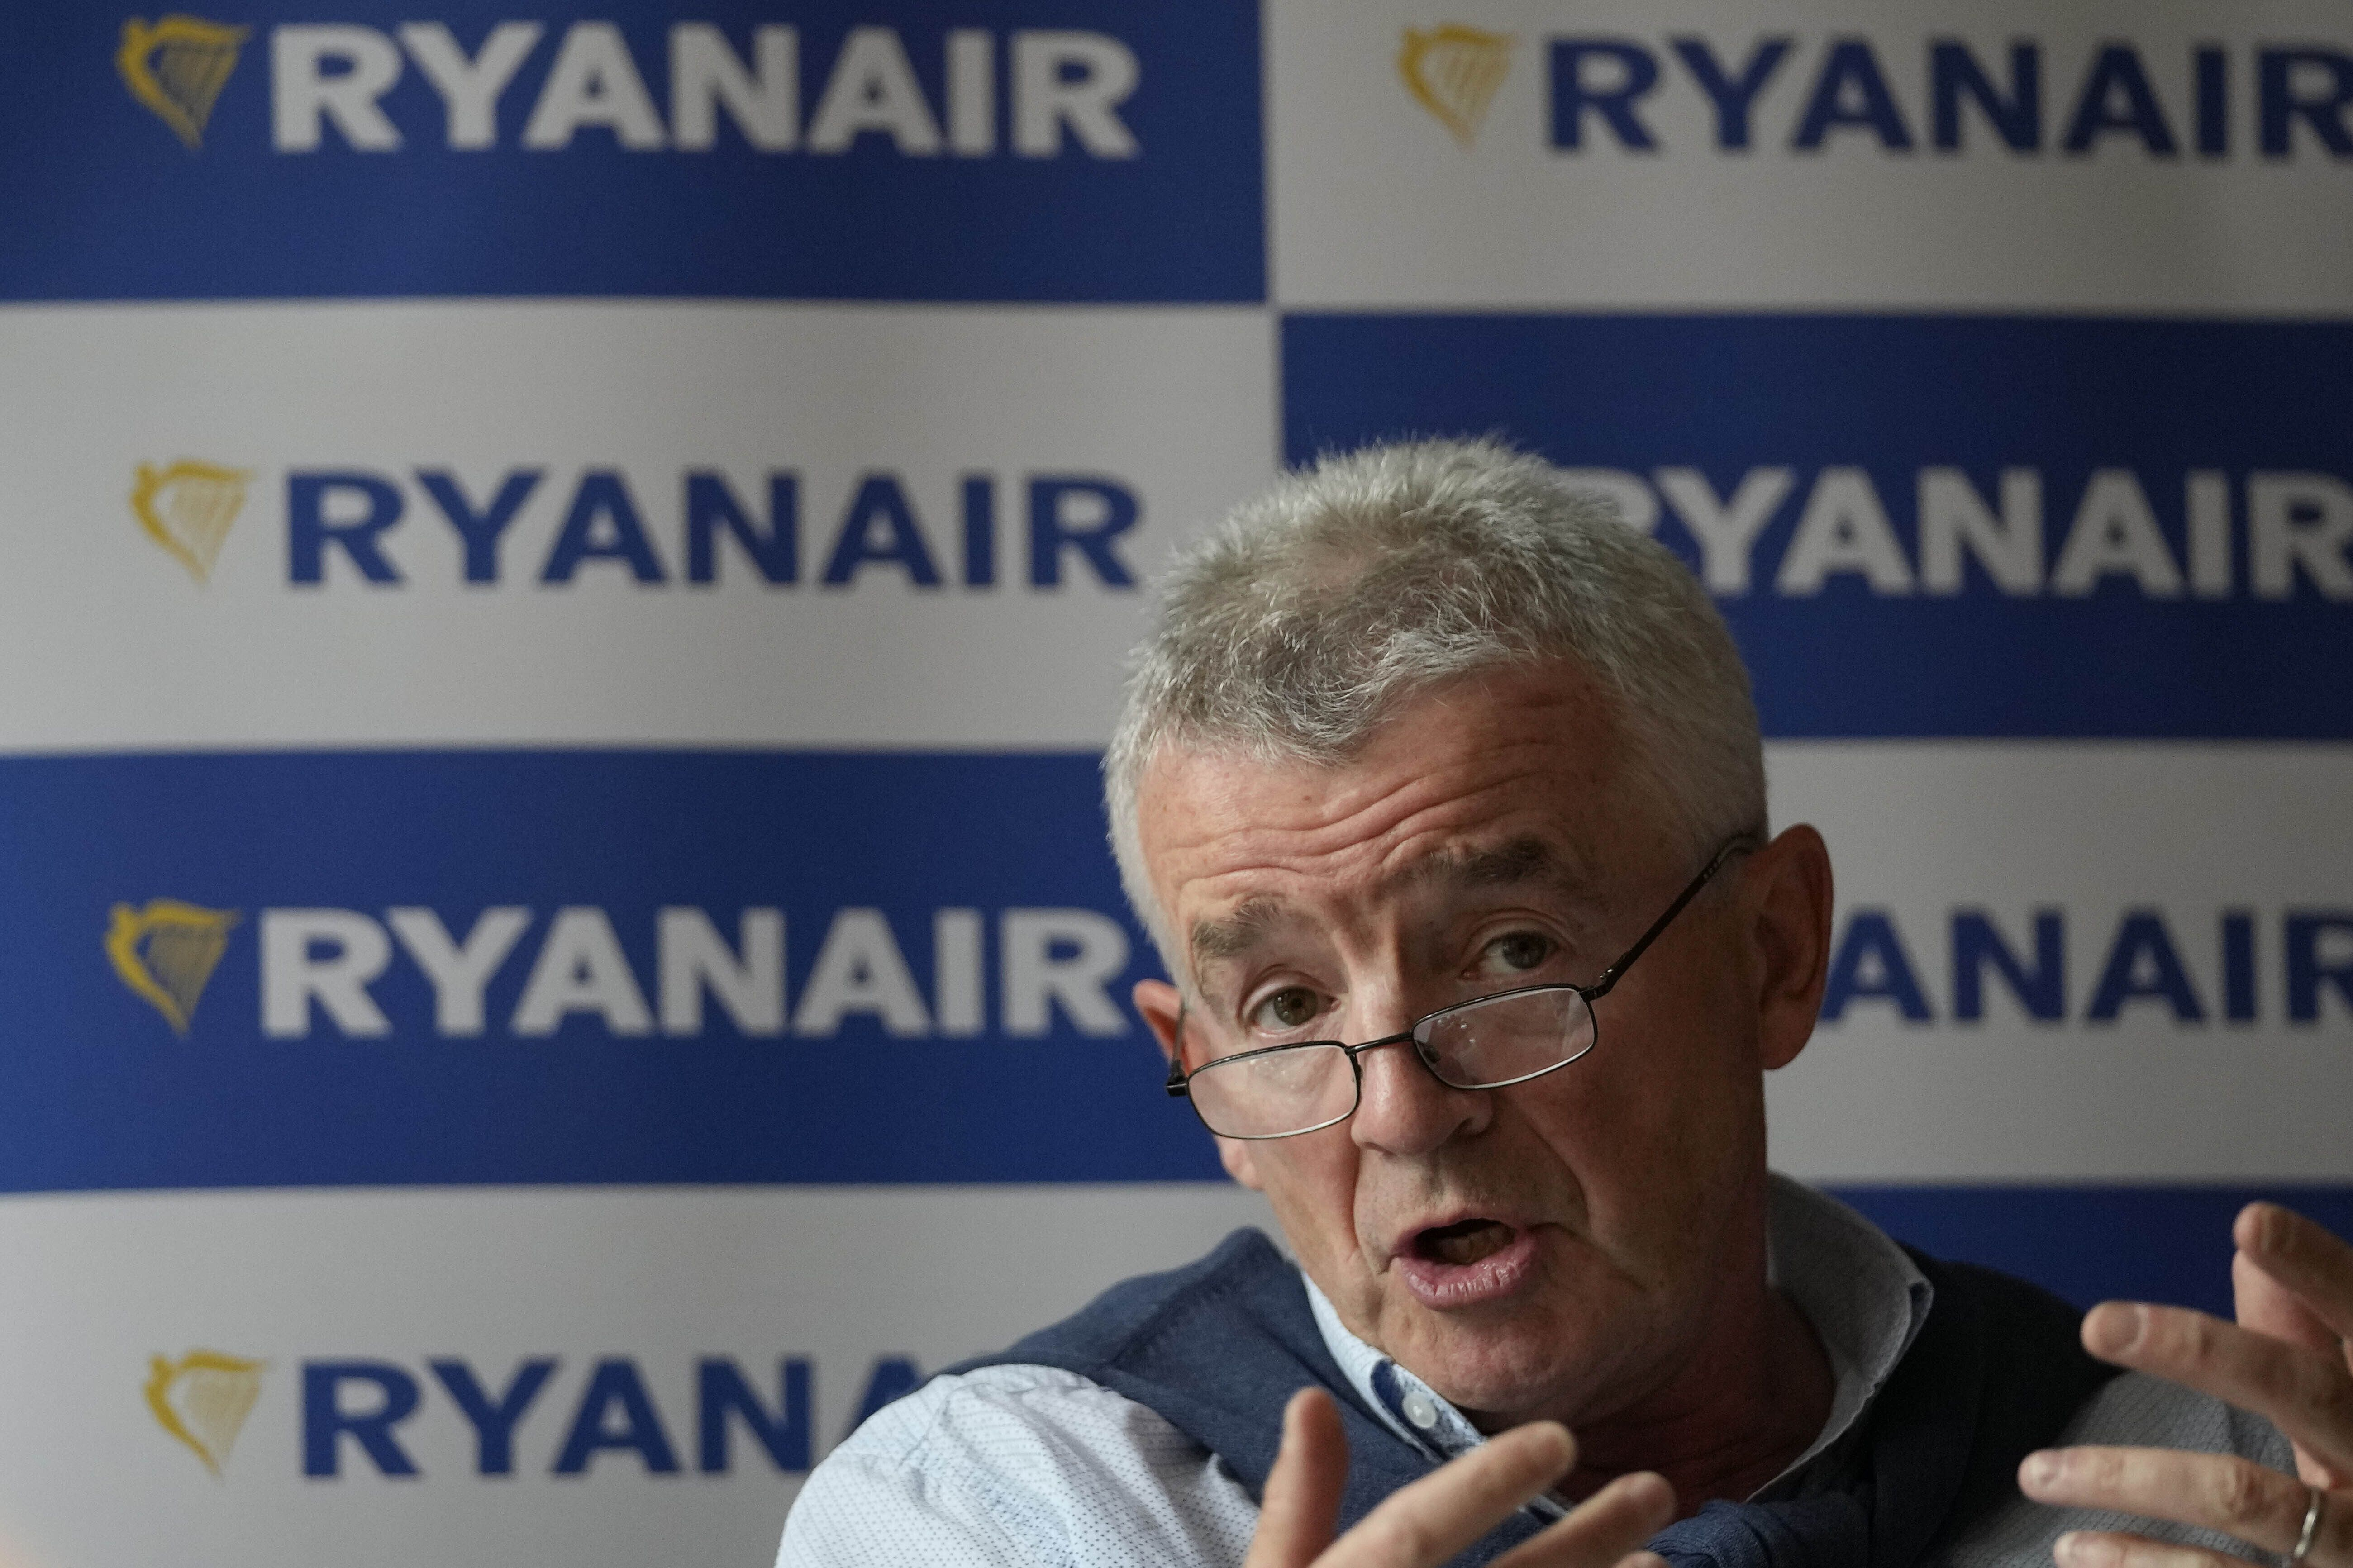 ryanair anuncia planes para contratar a 5.000 personas